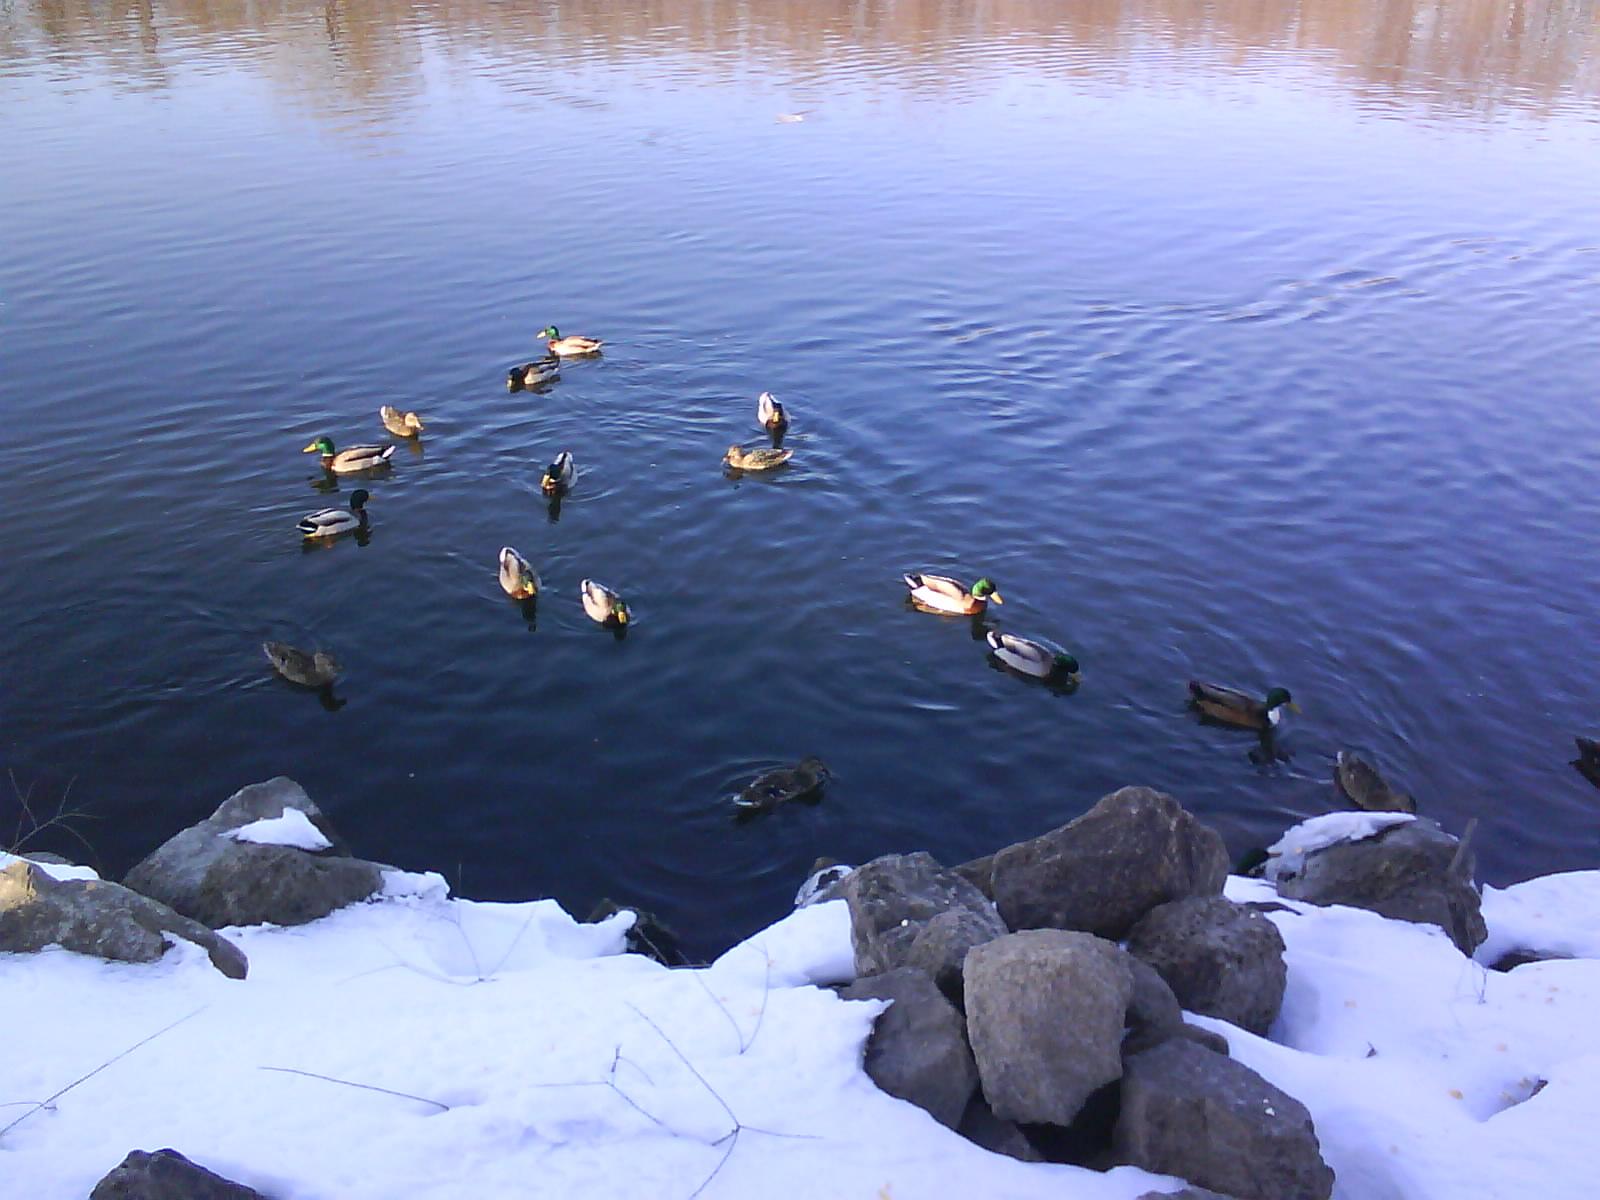 [duckies5]